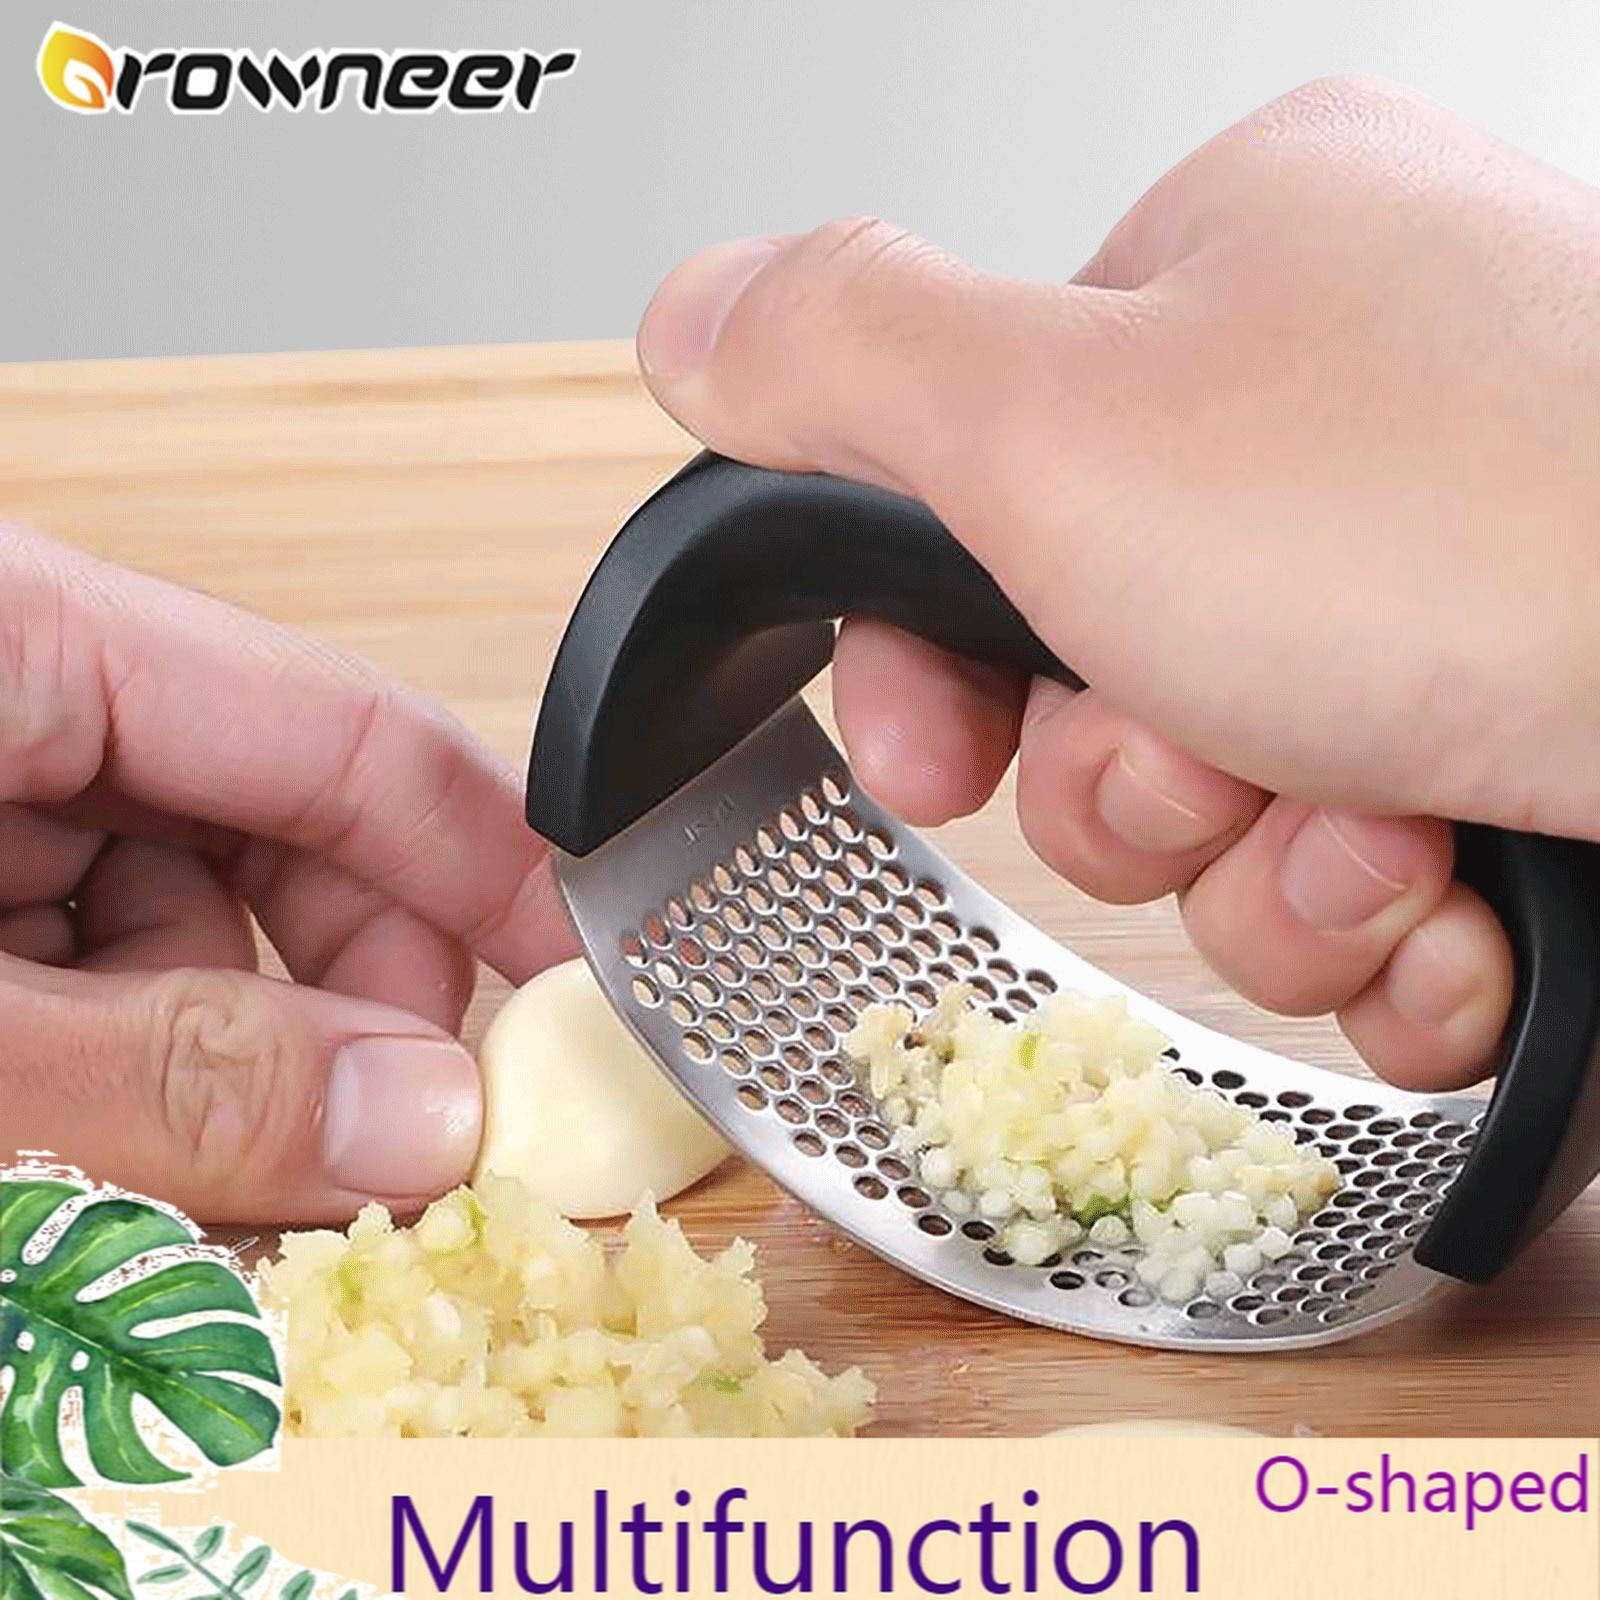 Многофункциональный Нож для измельчения из нержавеющей стали o-образный чесночный имбирный пресс ручная кухонная прокатная дробилка инстр...